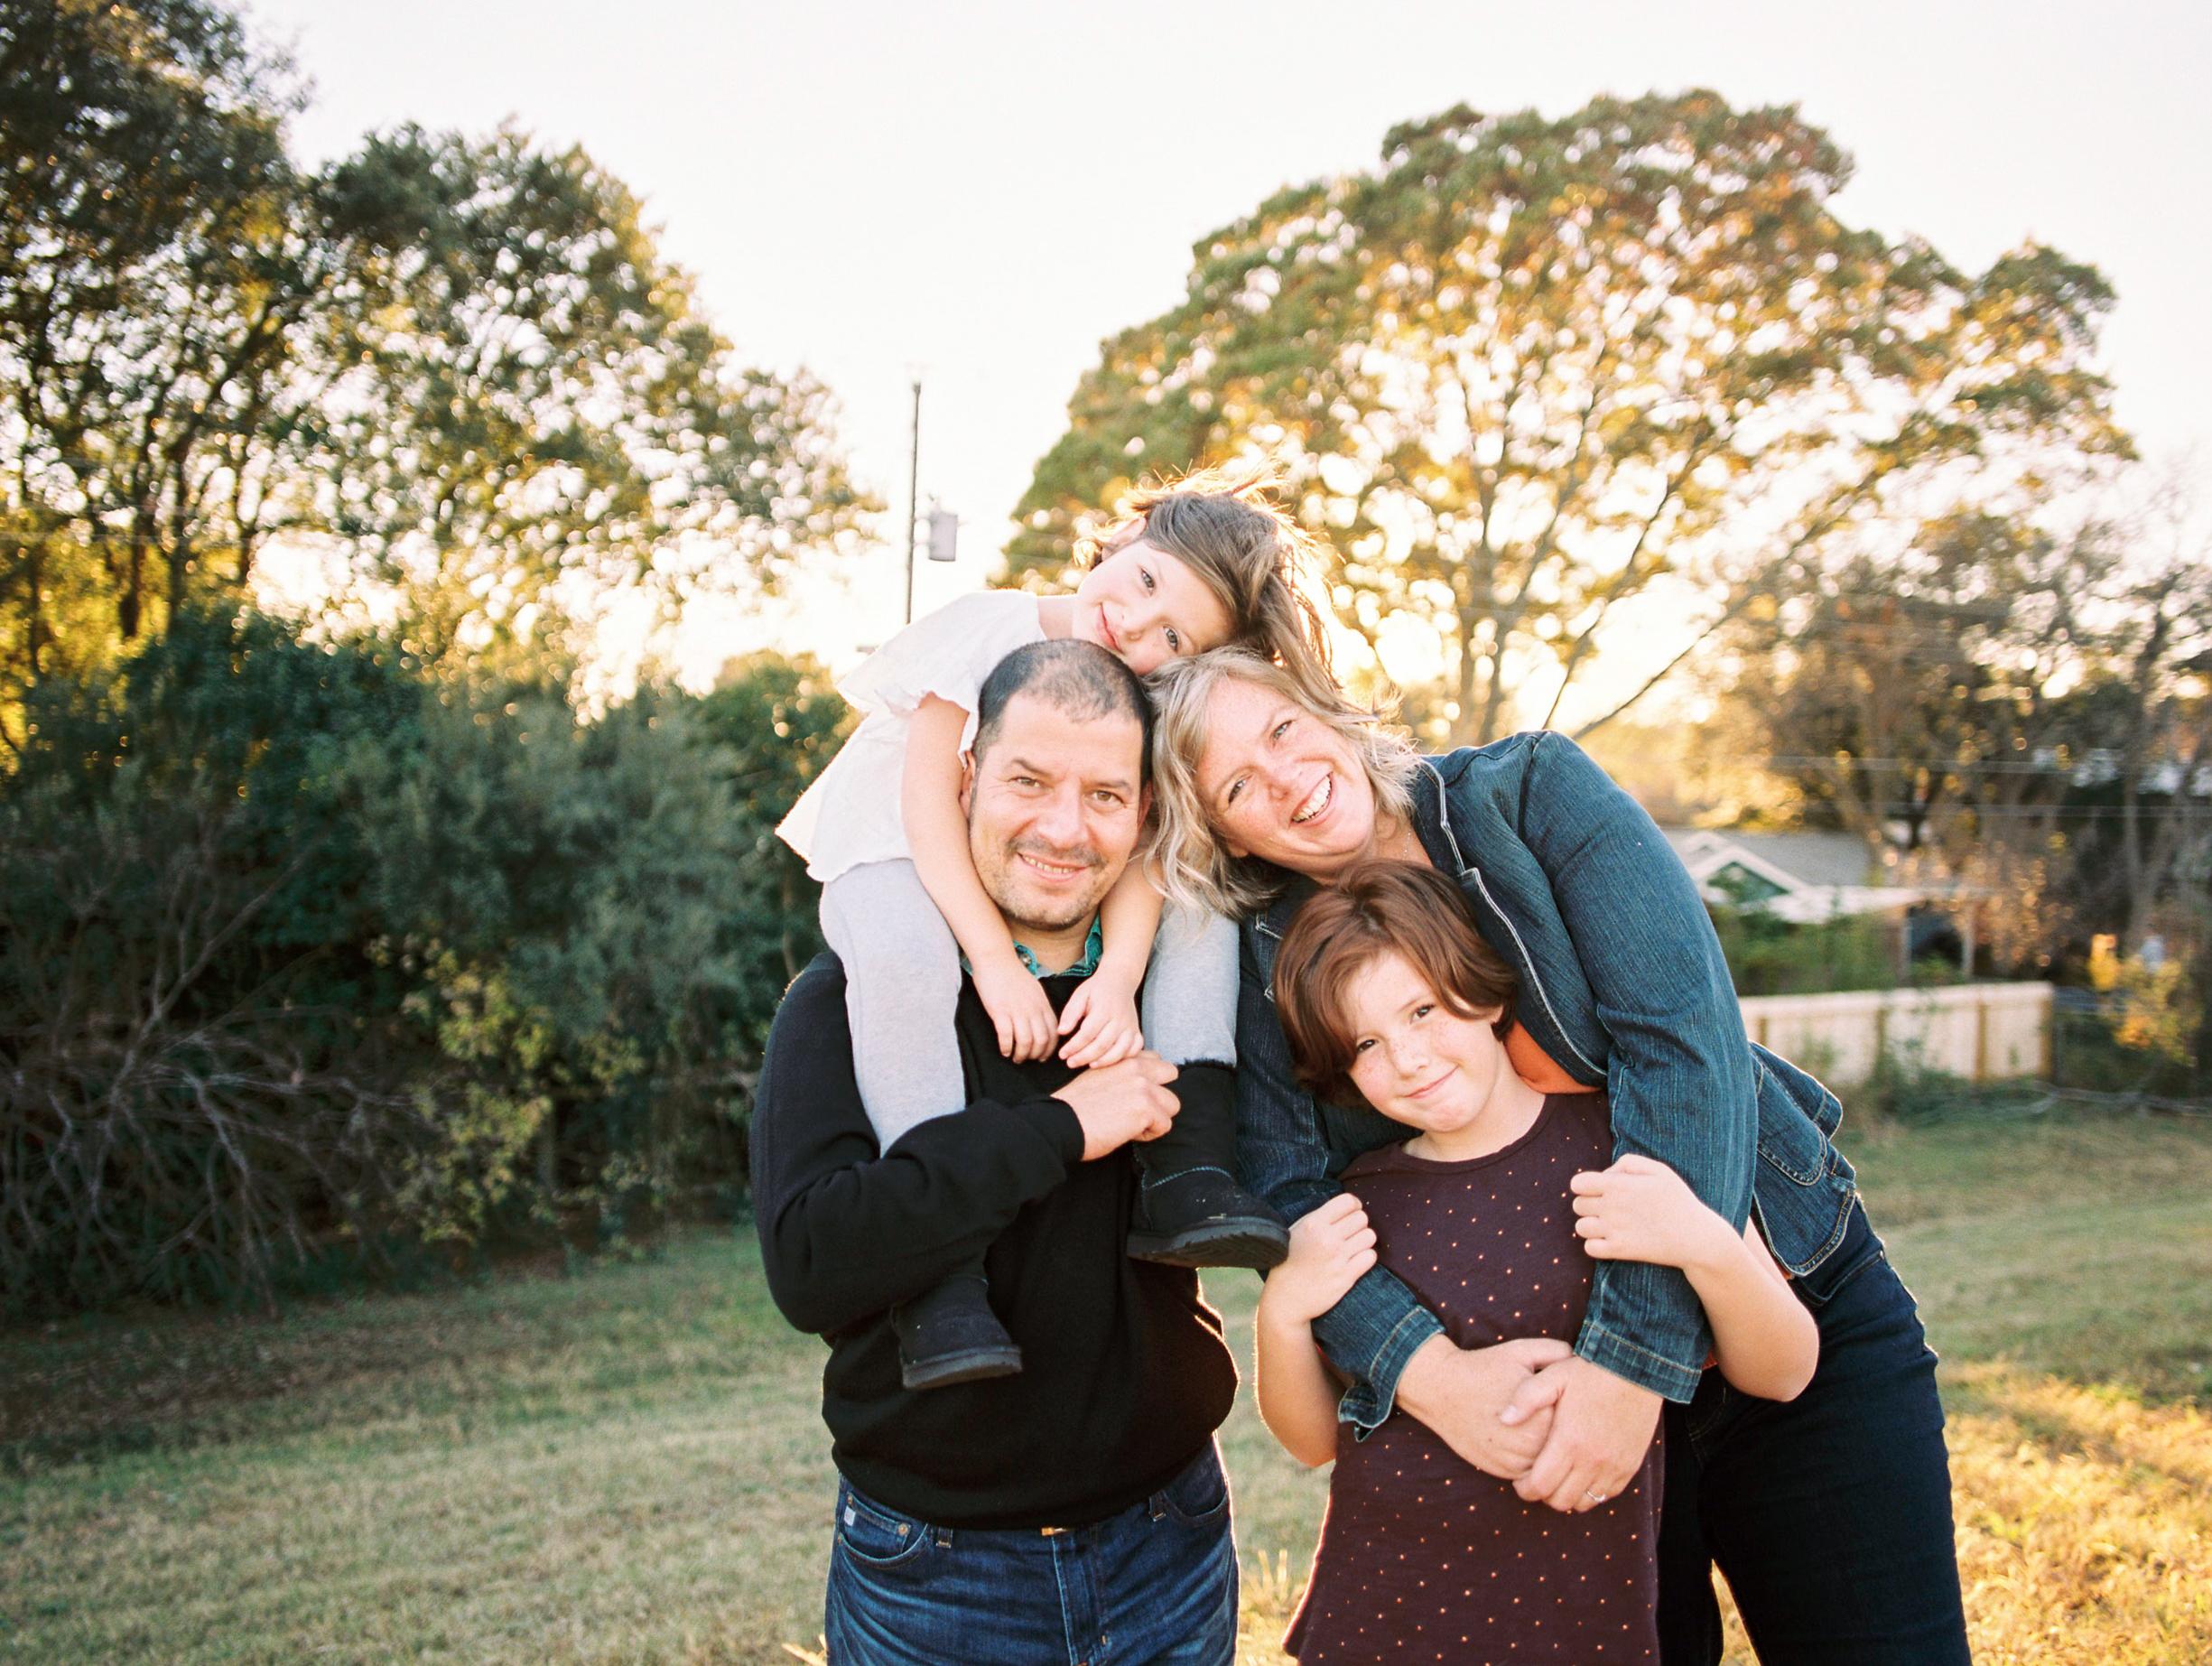 Cathlin McCullough Austin Lifestyle Photography -39.jpg